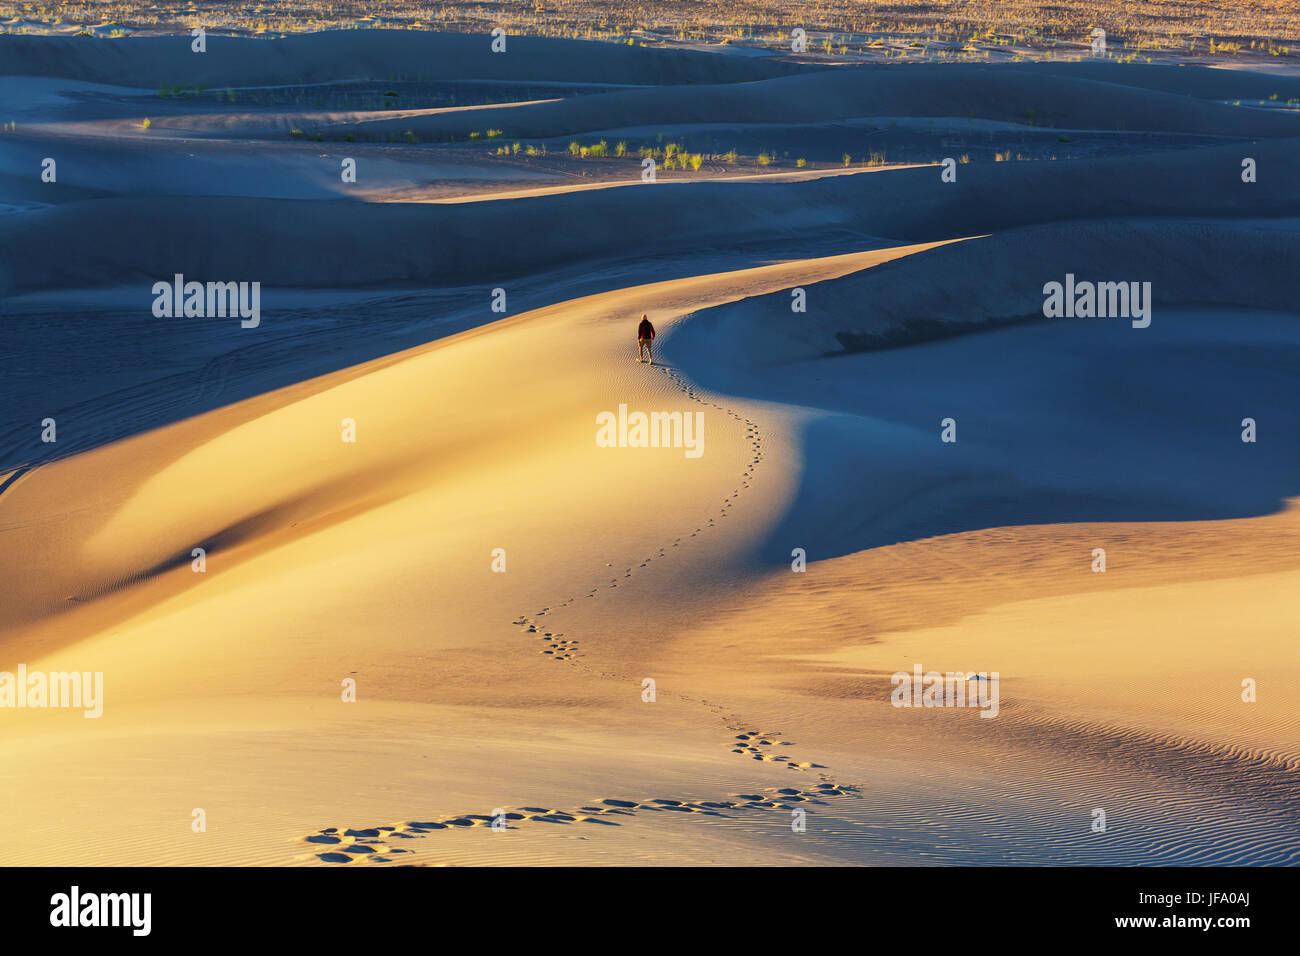 Caminata en el desierto Imagen De Stock